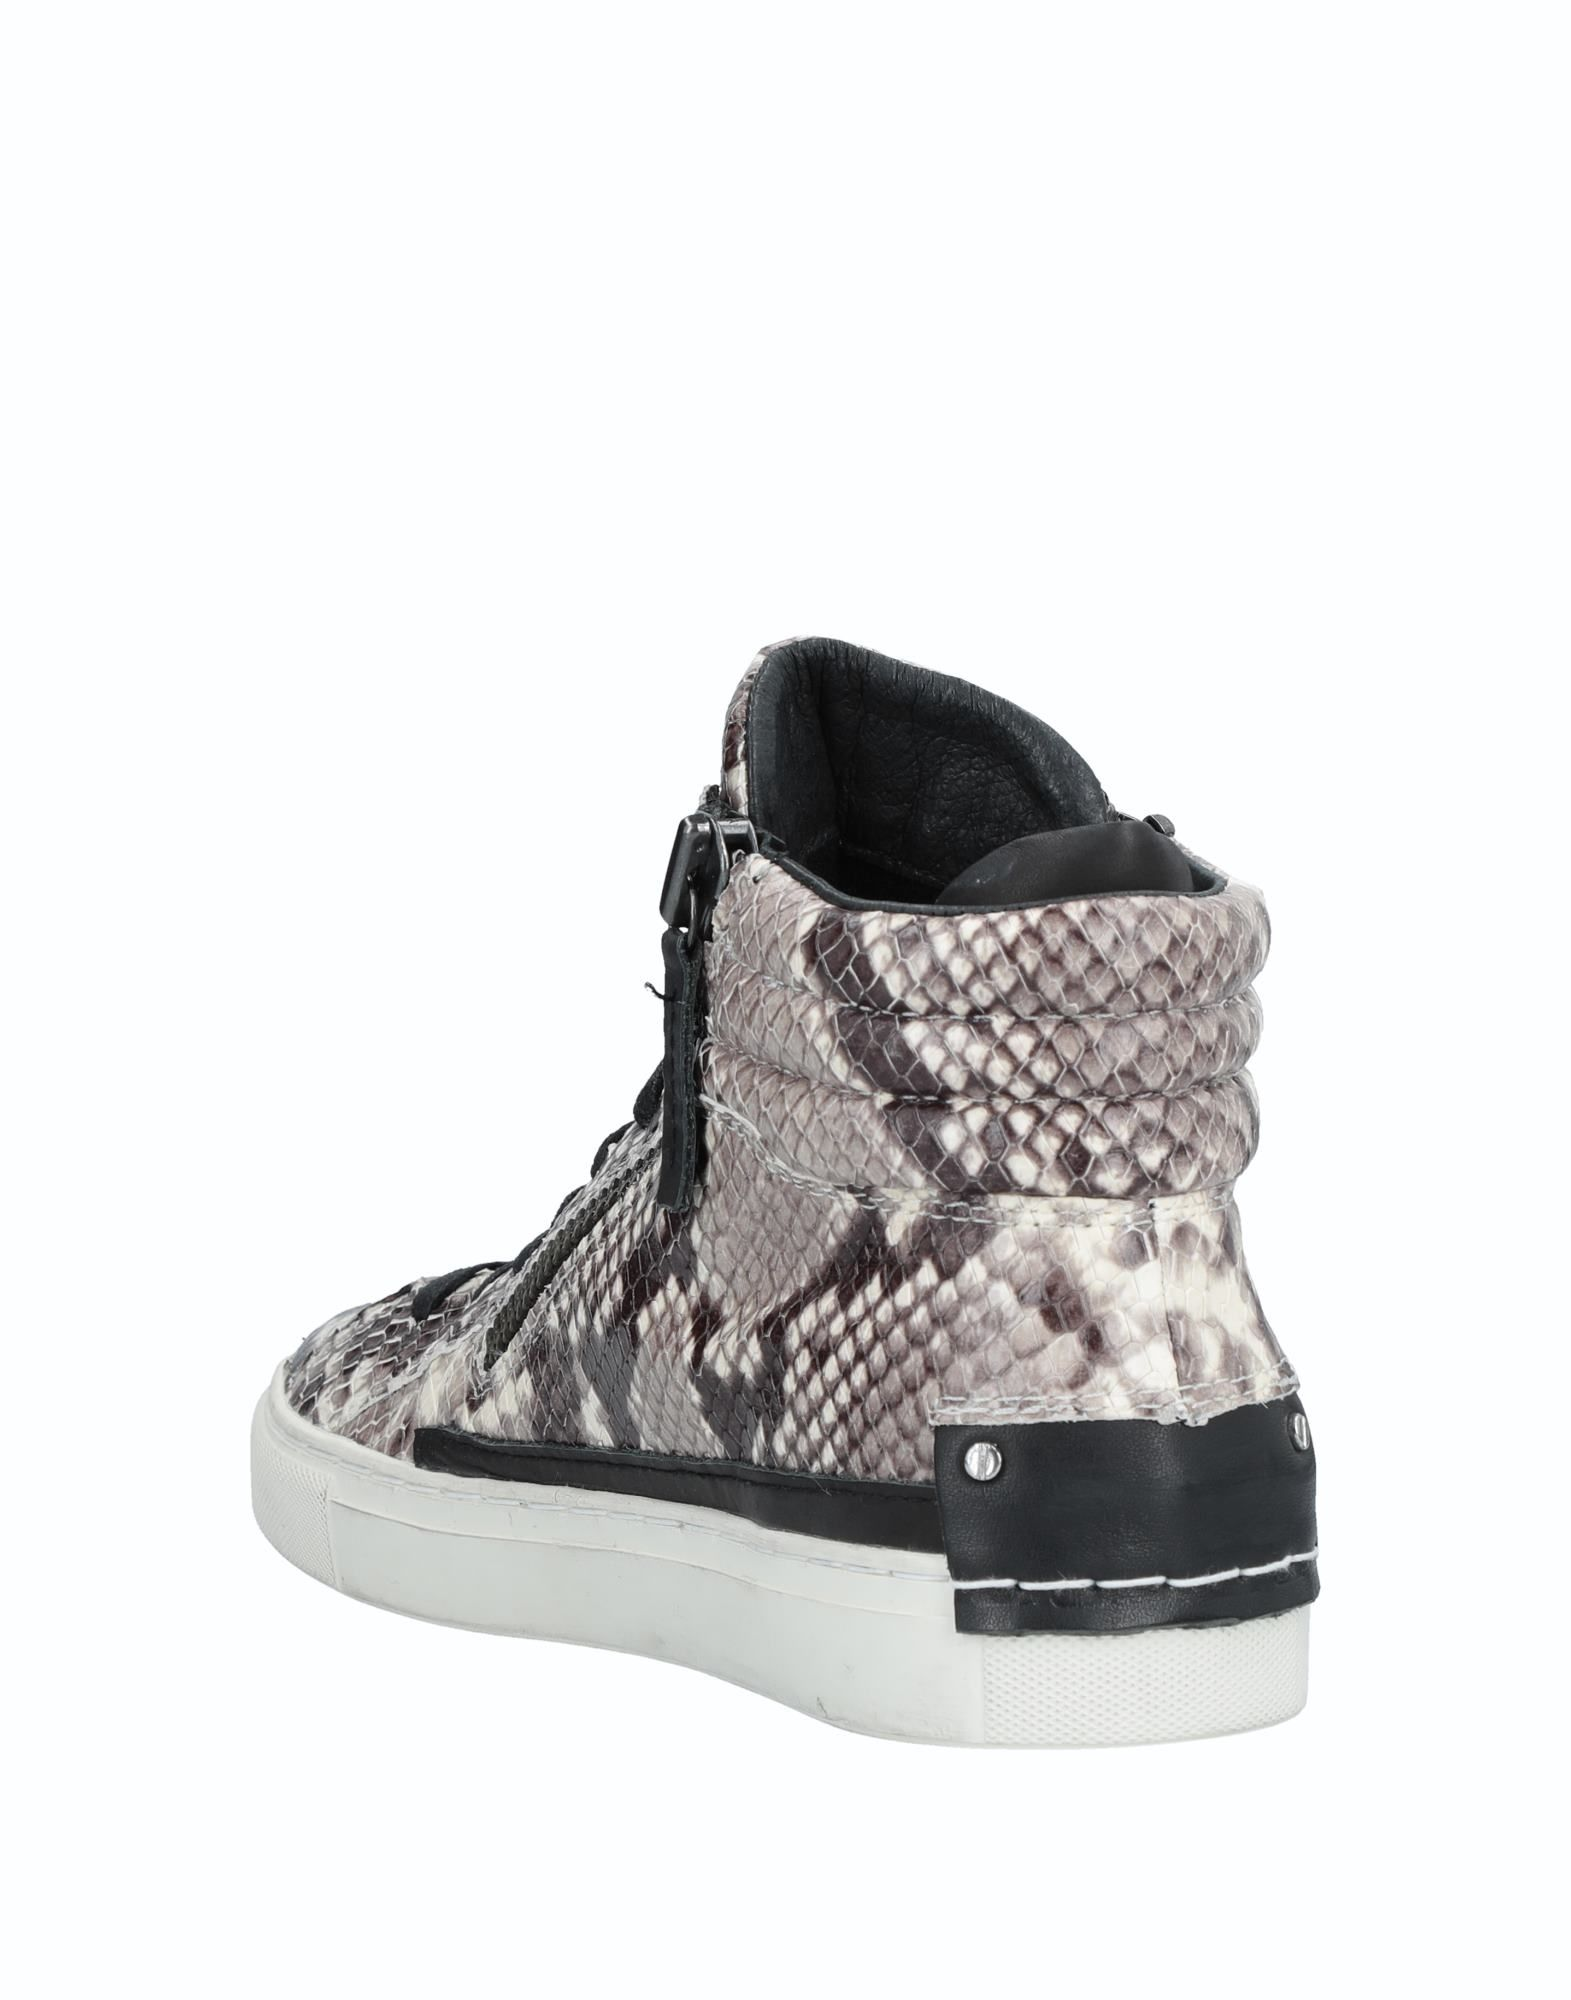 Crime London Sneakers Damen beliebte  11537801AC Gute Qualität beliebte Damen Schuhe 86a2aa